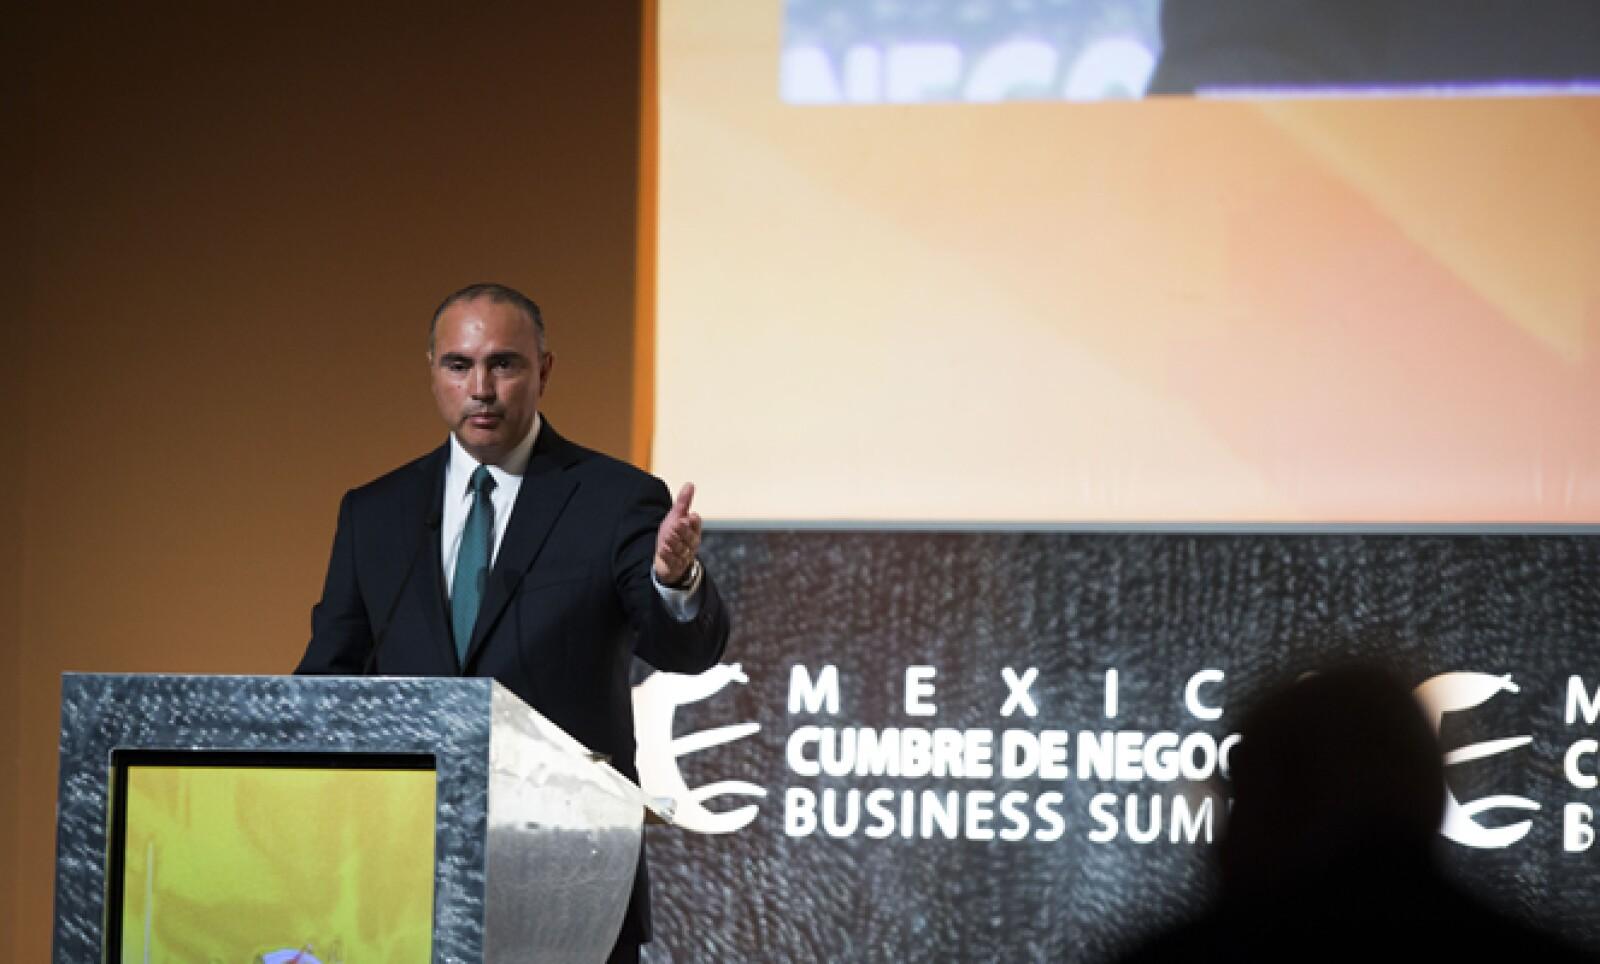 El gobernador de Querétaro también dirigió unas palabras al público asistente a la cumbre, un acto exclusivo al que se asiste sólo por invitación.